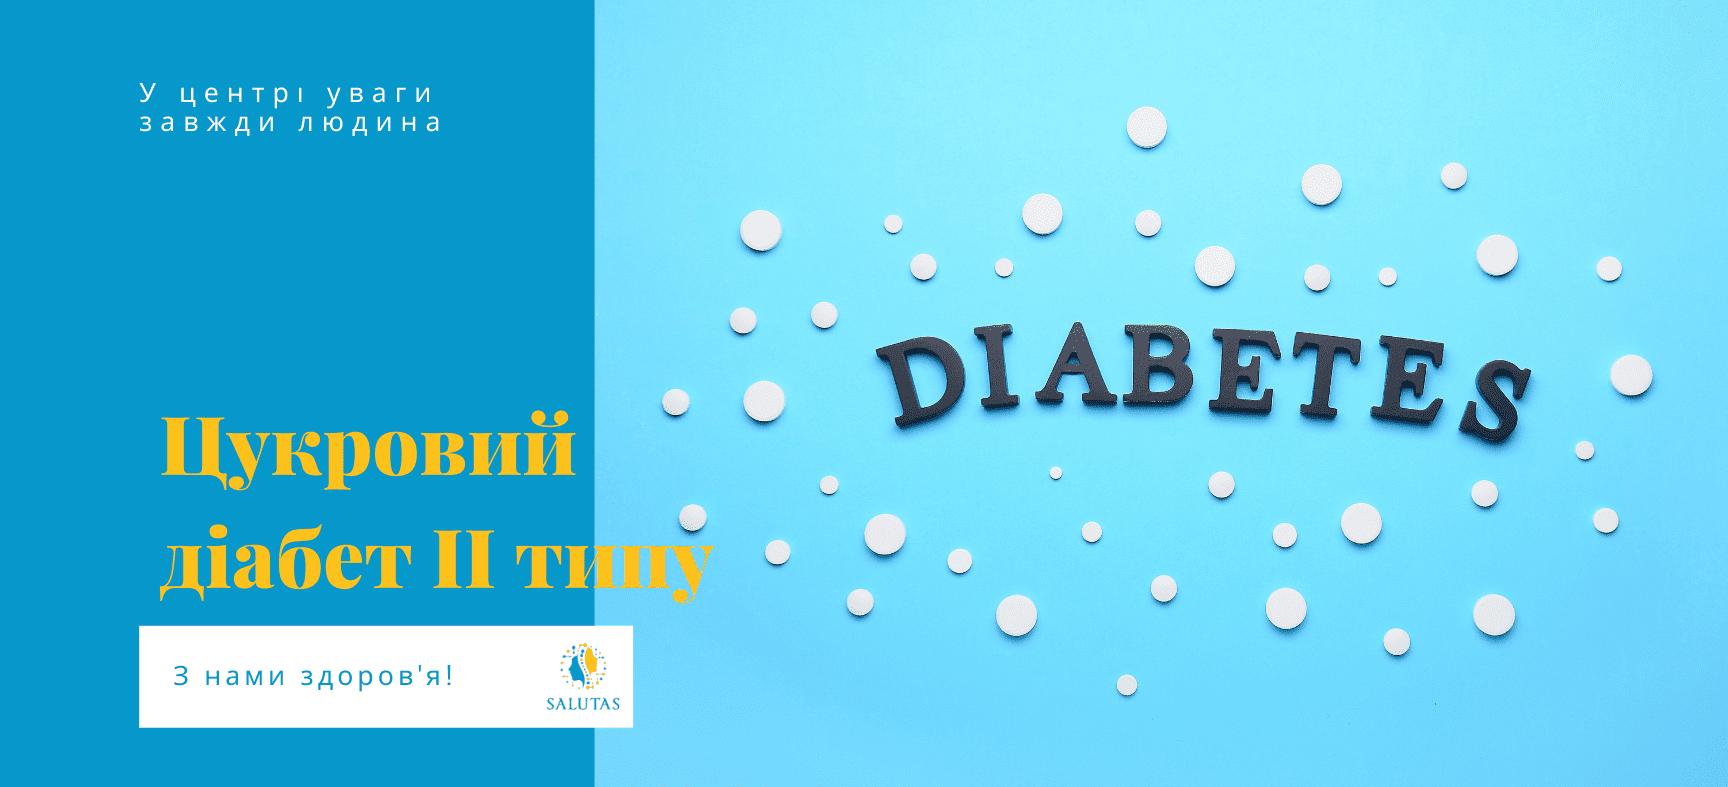 Цукровий діабет ІІ типу: причини